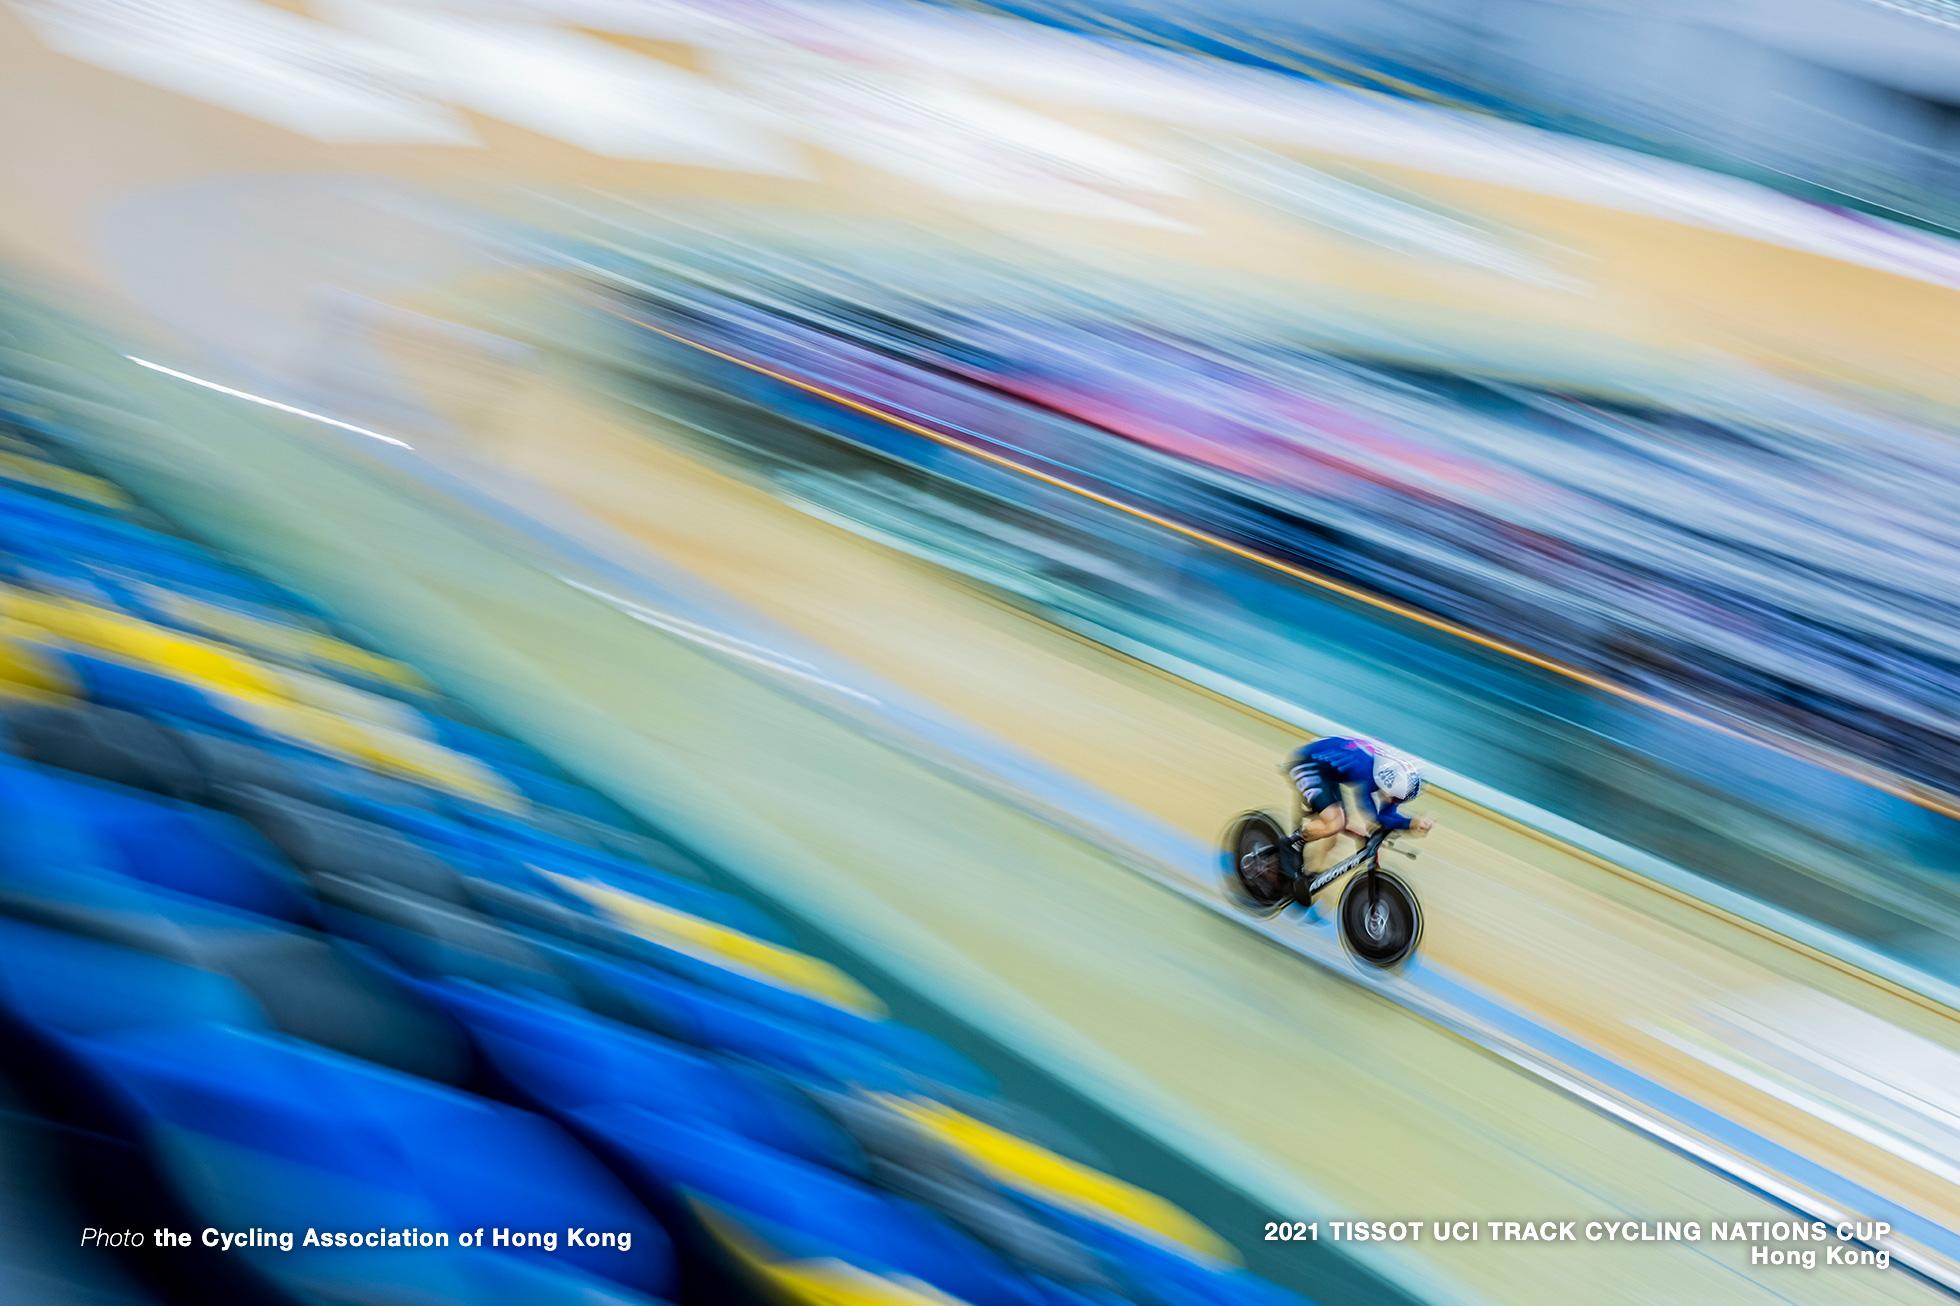 アシュトン・ランビー/Ashton Lambie, Qualifying, Men's Individual Pursuit, TISSOT UCI TRACK CYCLING NATIONS CUP - HONG KONG